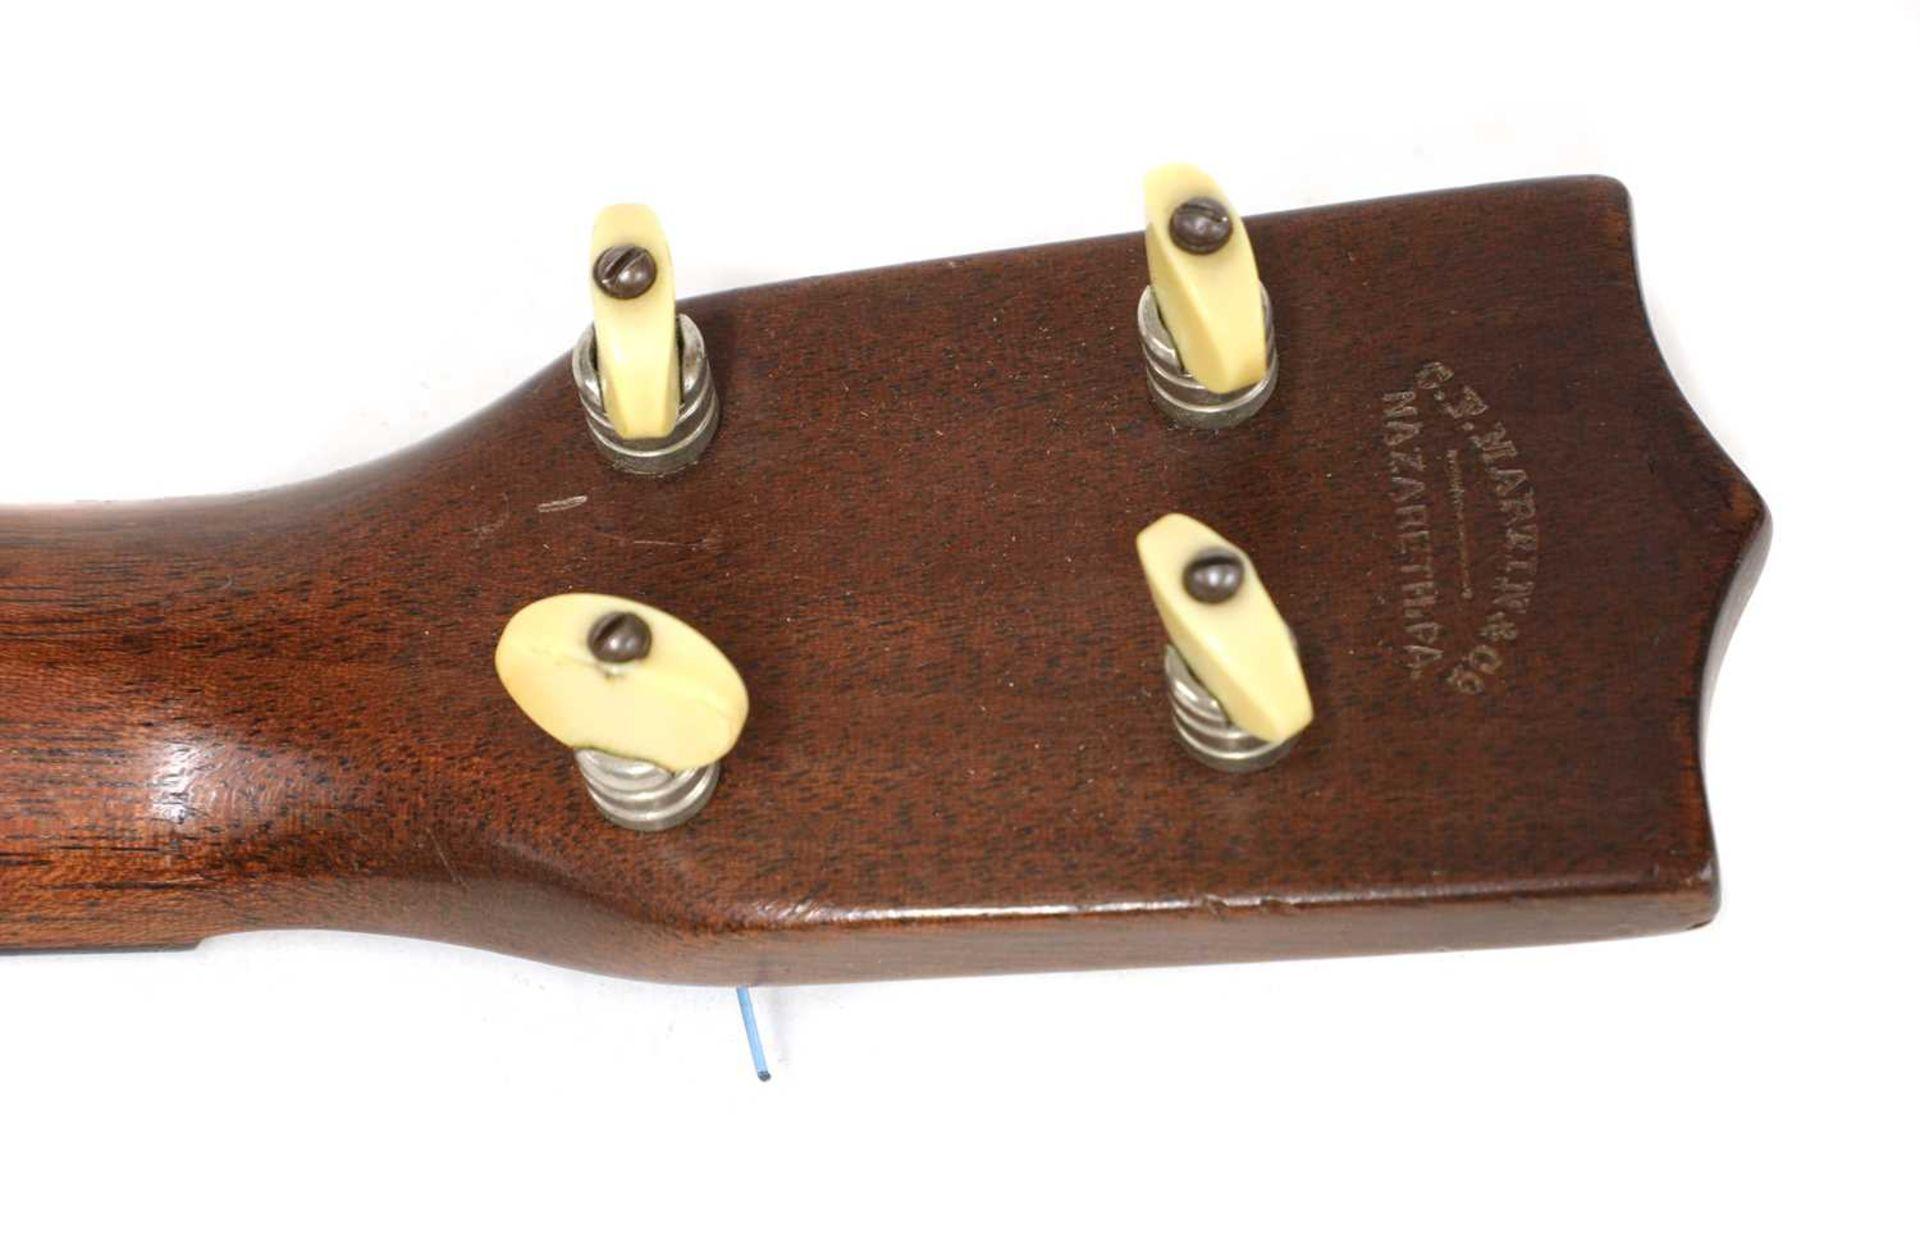 A Martin & Co. Style 2 ukulele, - Image 7 of 7